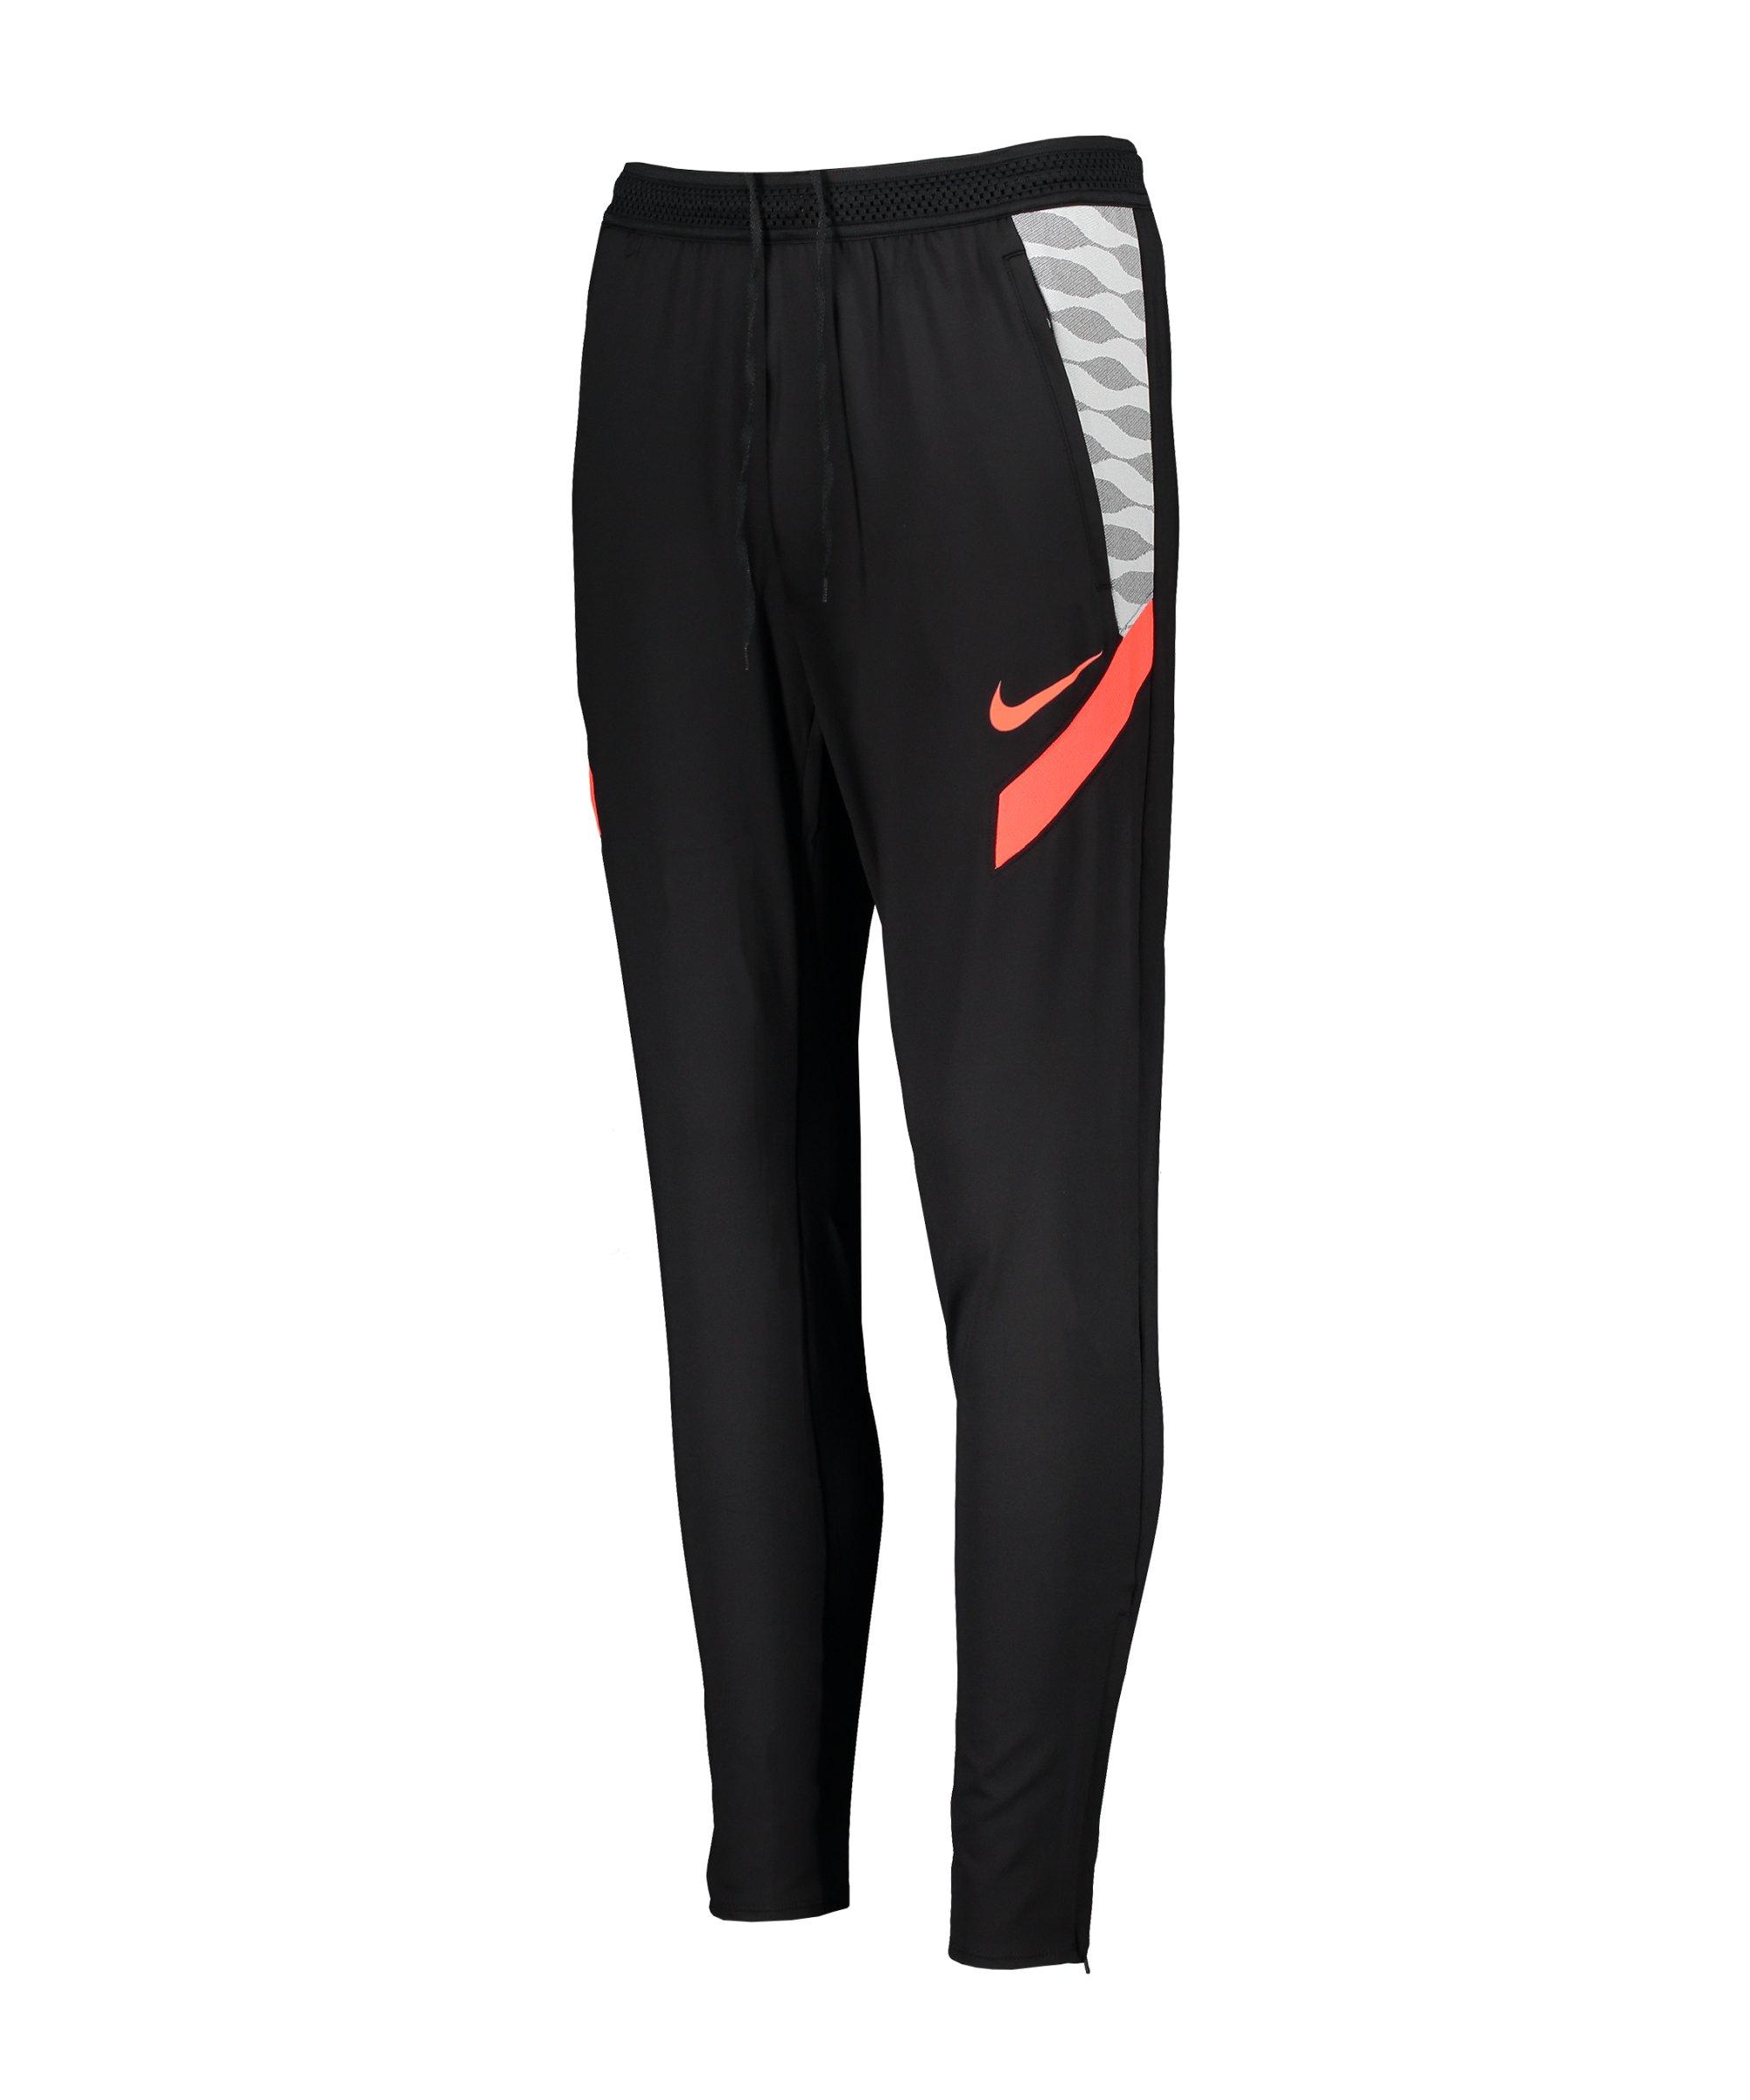 Nike Strike 21 Trainingshose Damen Schwarz F015 - schwarz